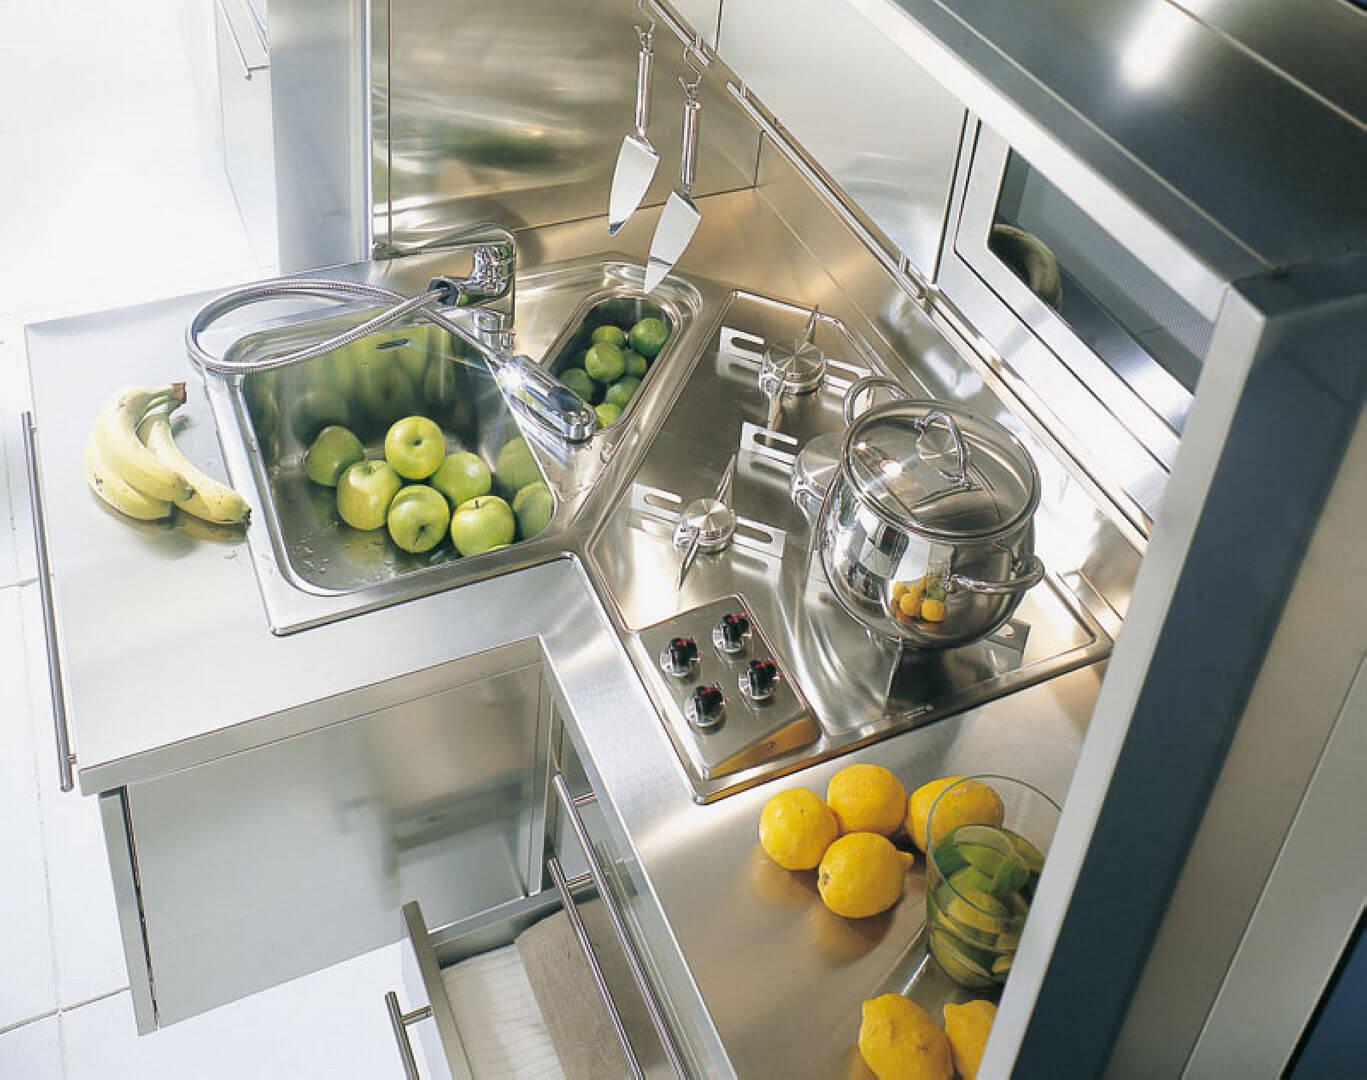 Arca Cucine Italia - Cucine Domestiche in Acciaio Inox - 10 2 - Wall - Cottura Lavaggio a Sbalzo